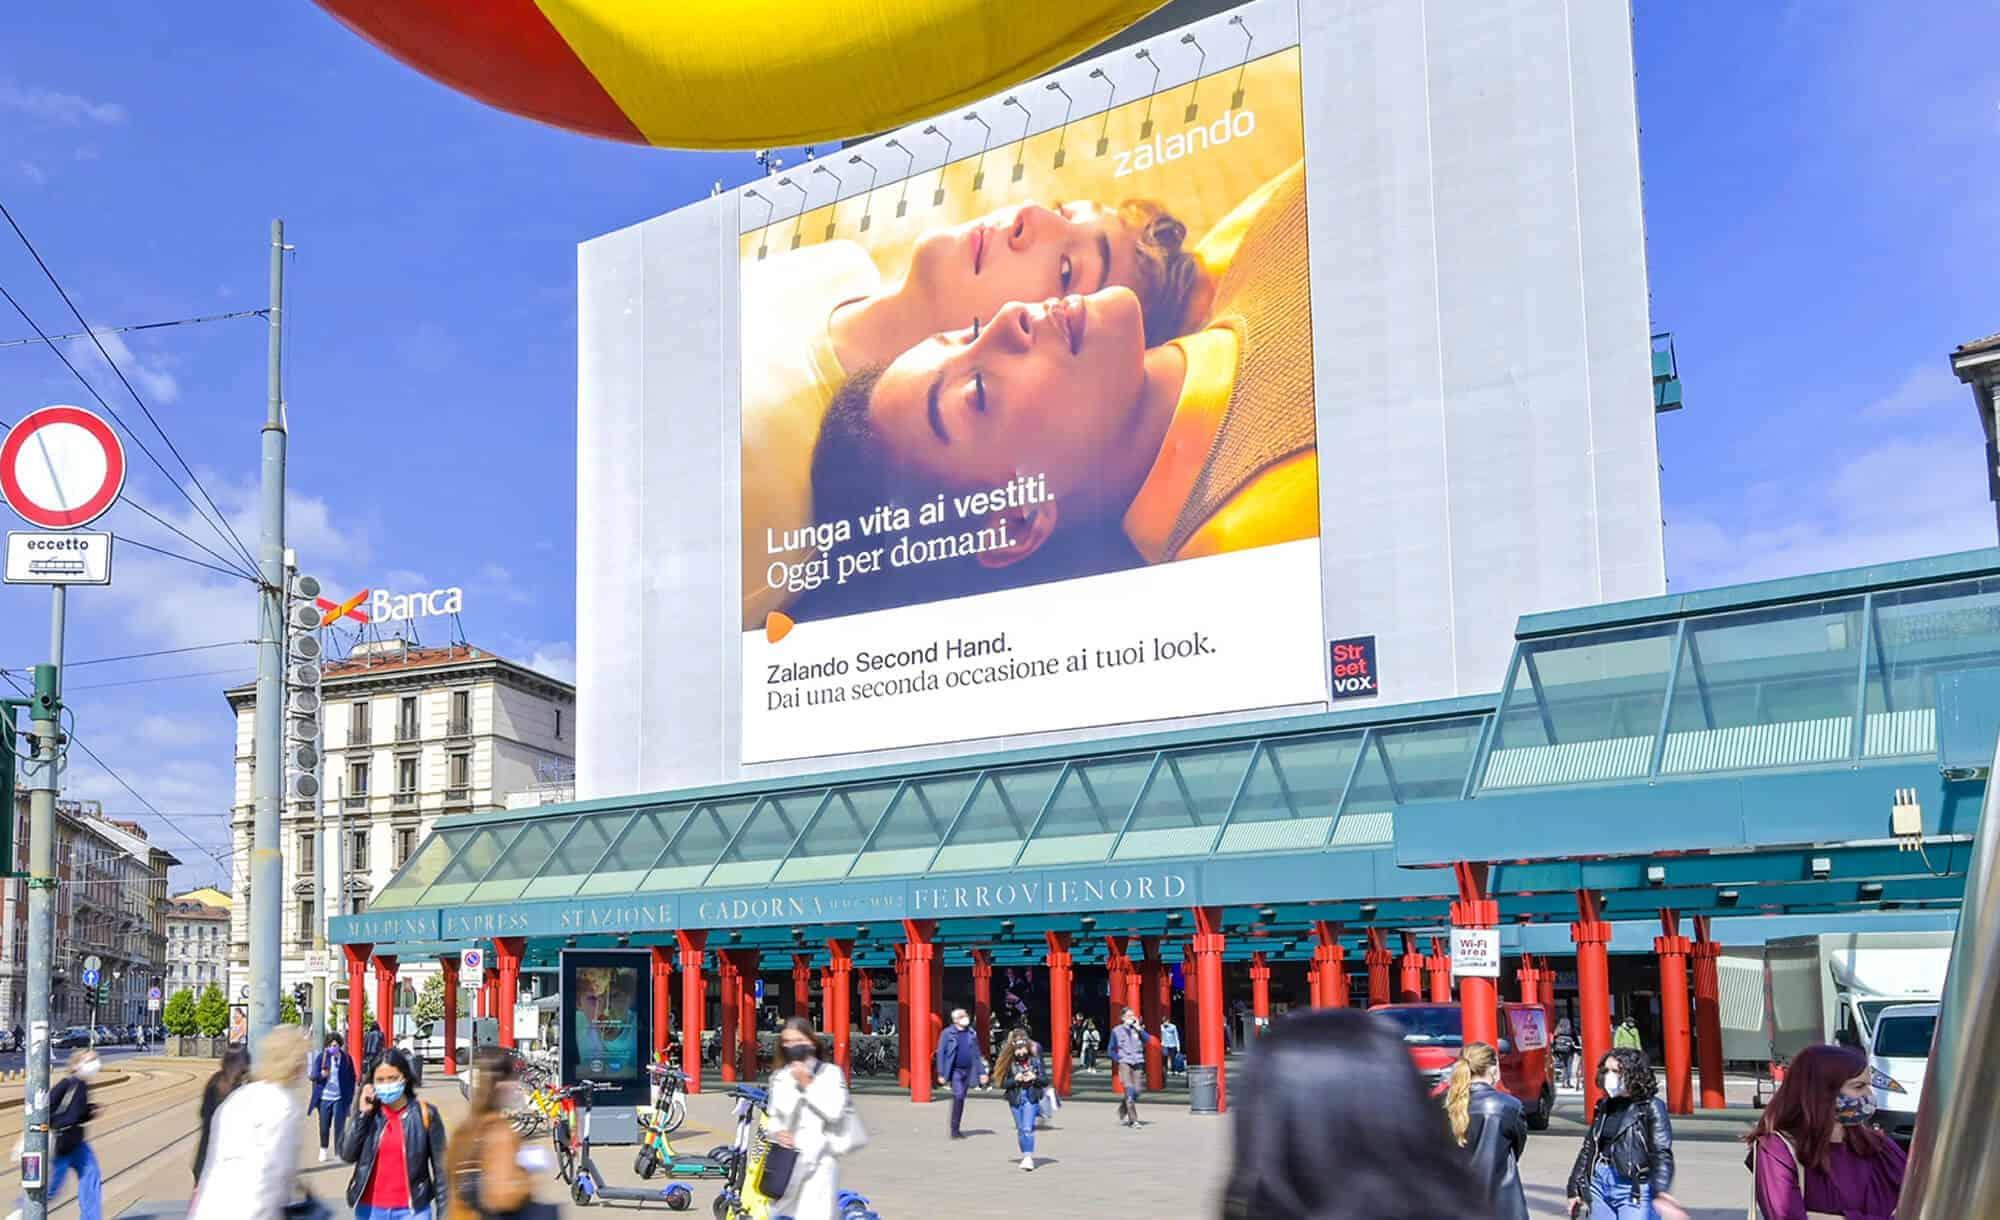 Maxi Affissione a Milano in Cadorna con Zalando (Fashion)